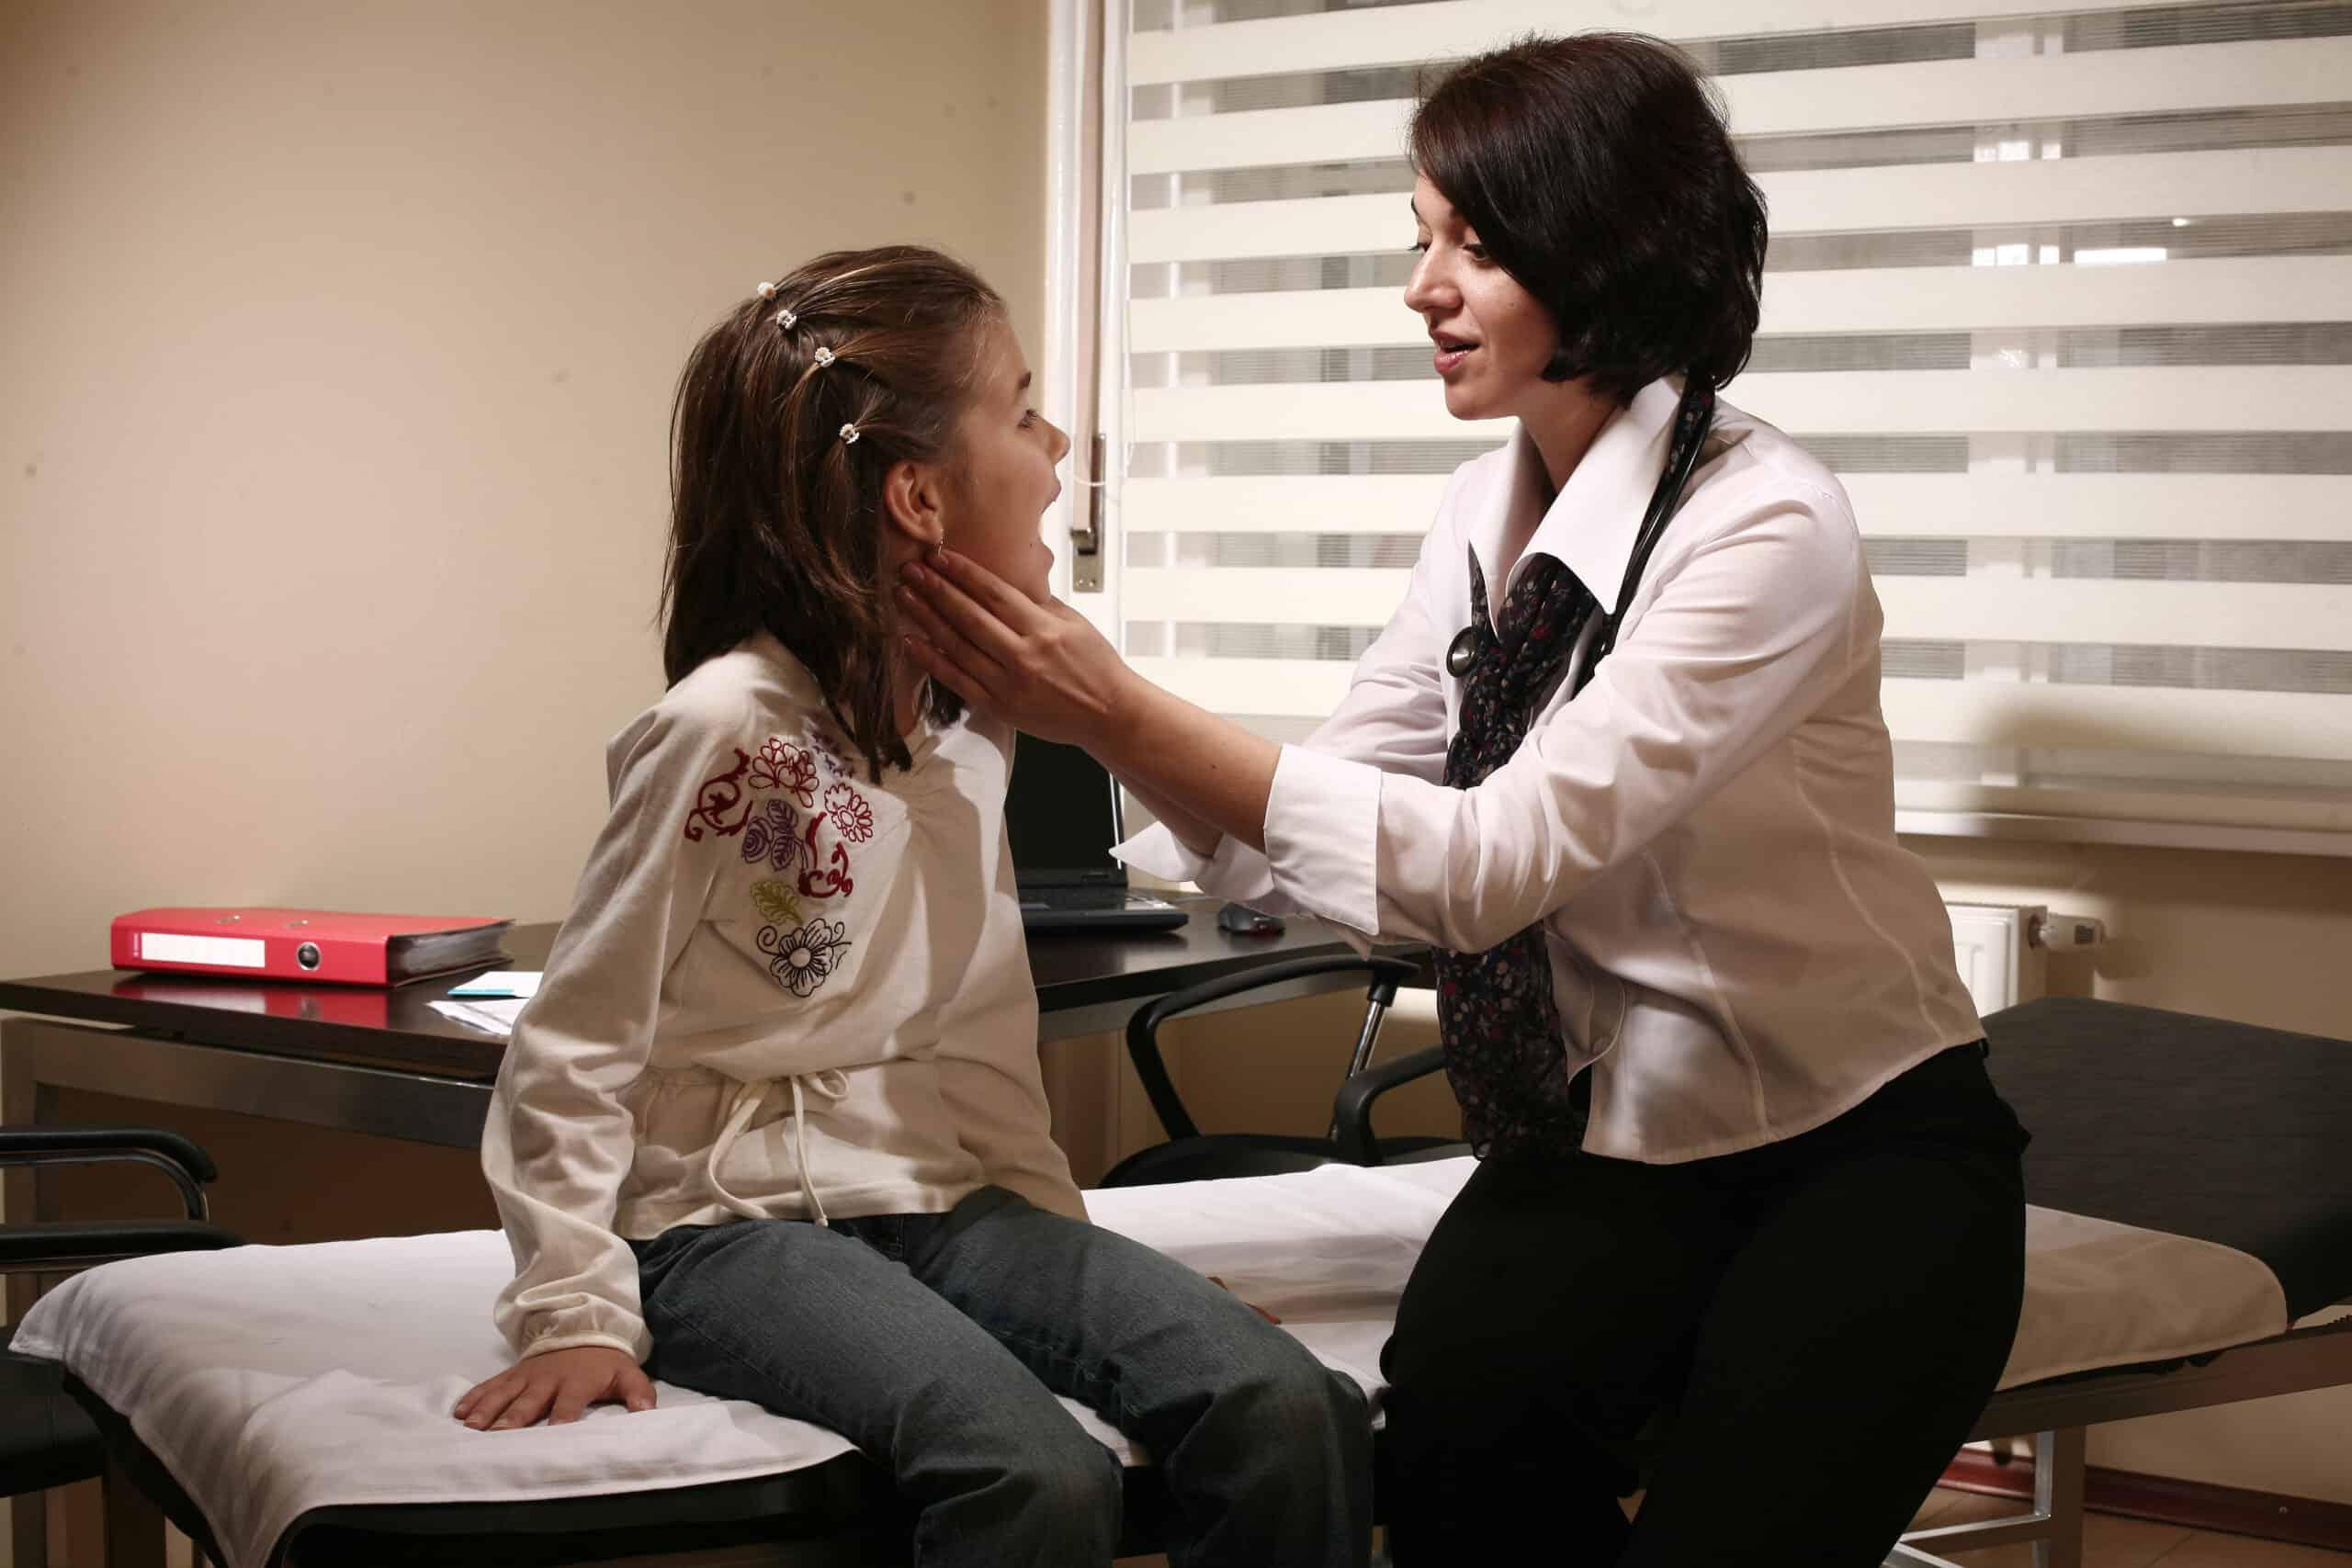 Baby Clinics: Nu tratăm copilași, ci îmbrățișăm minuni